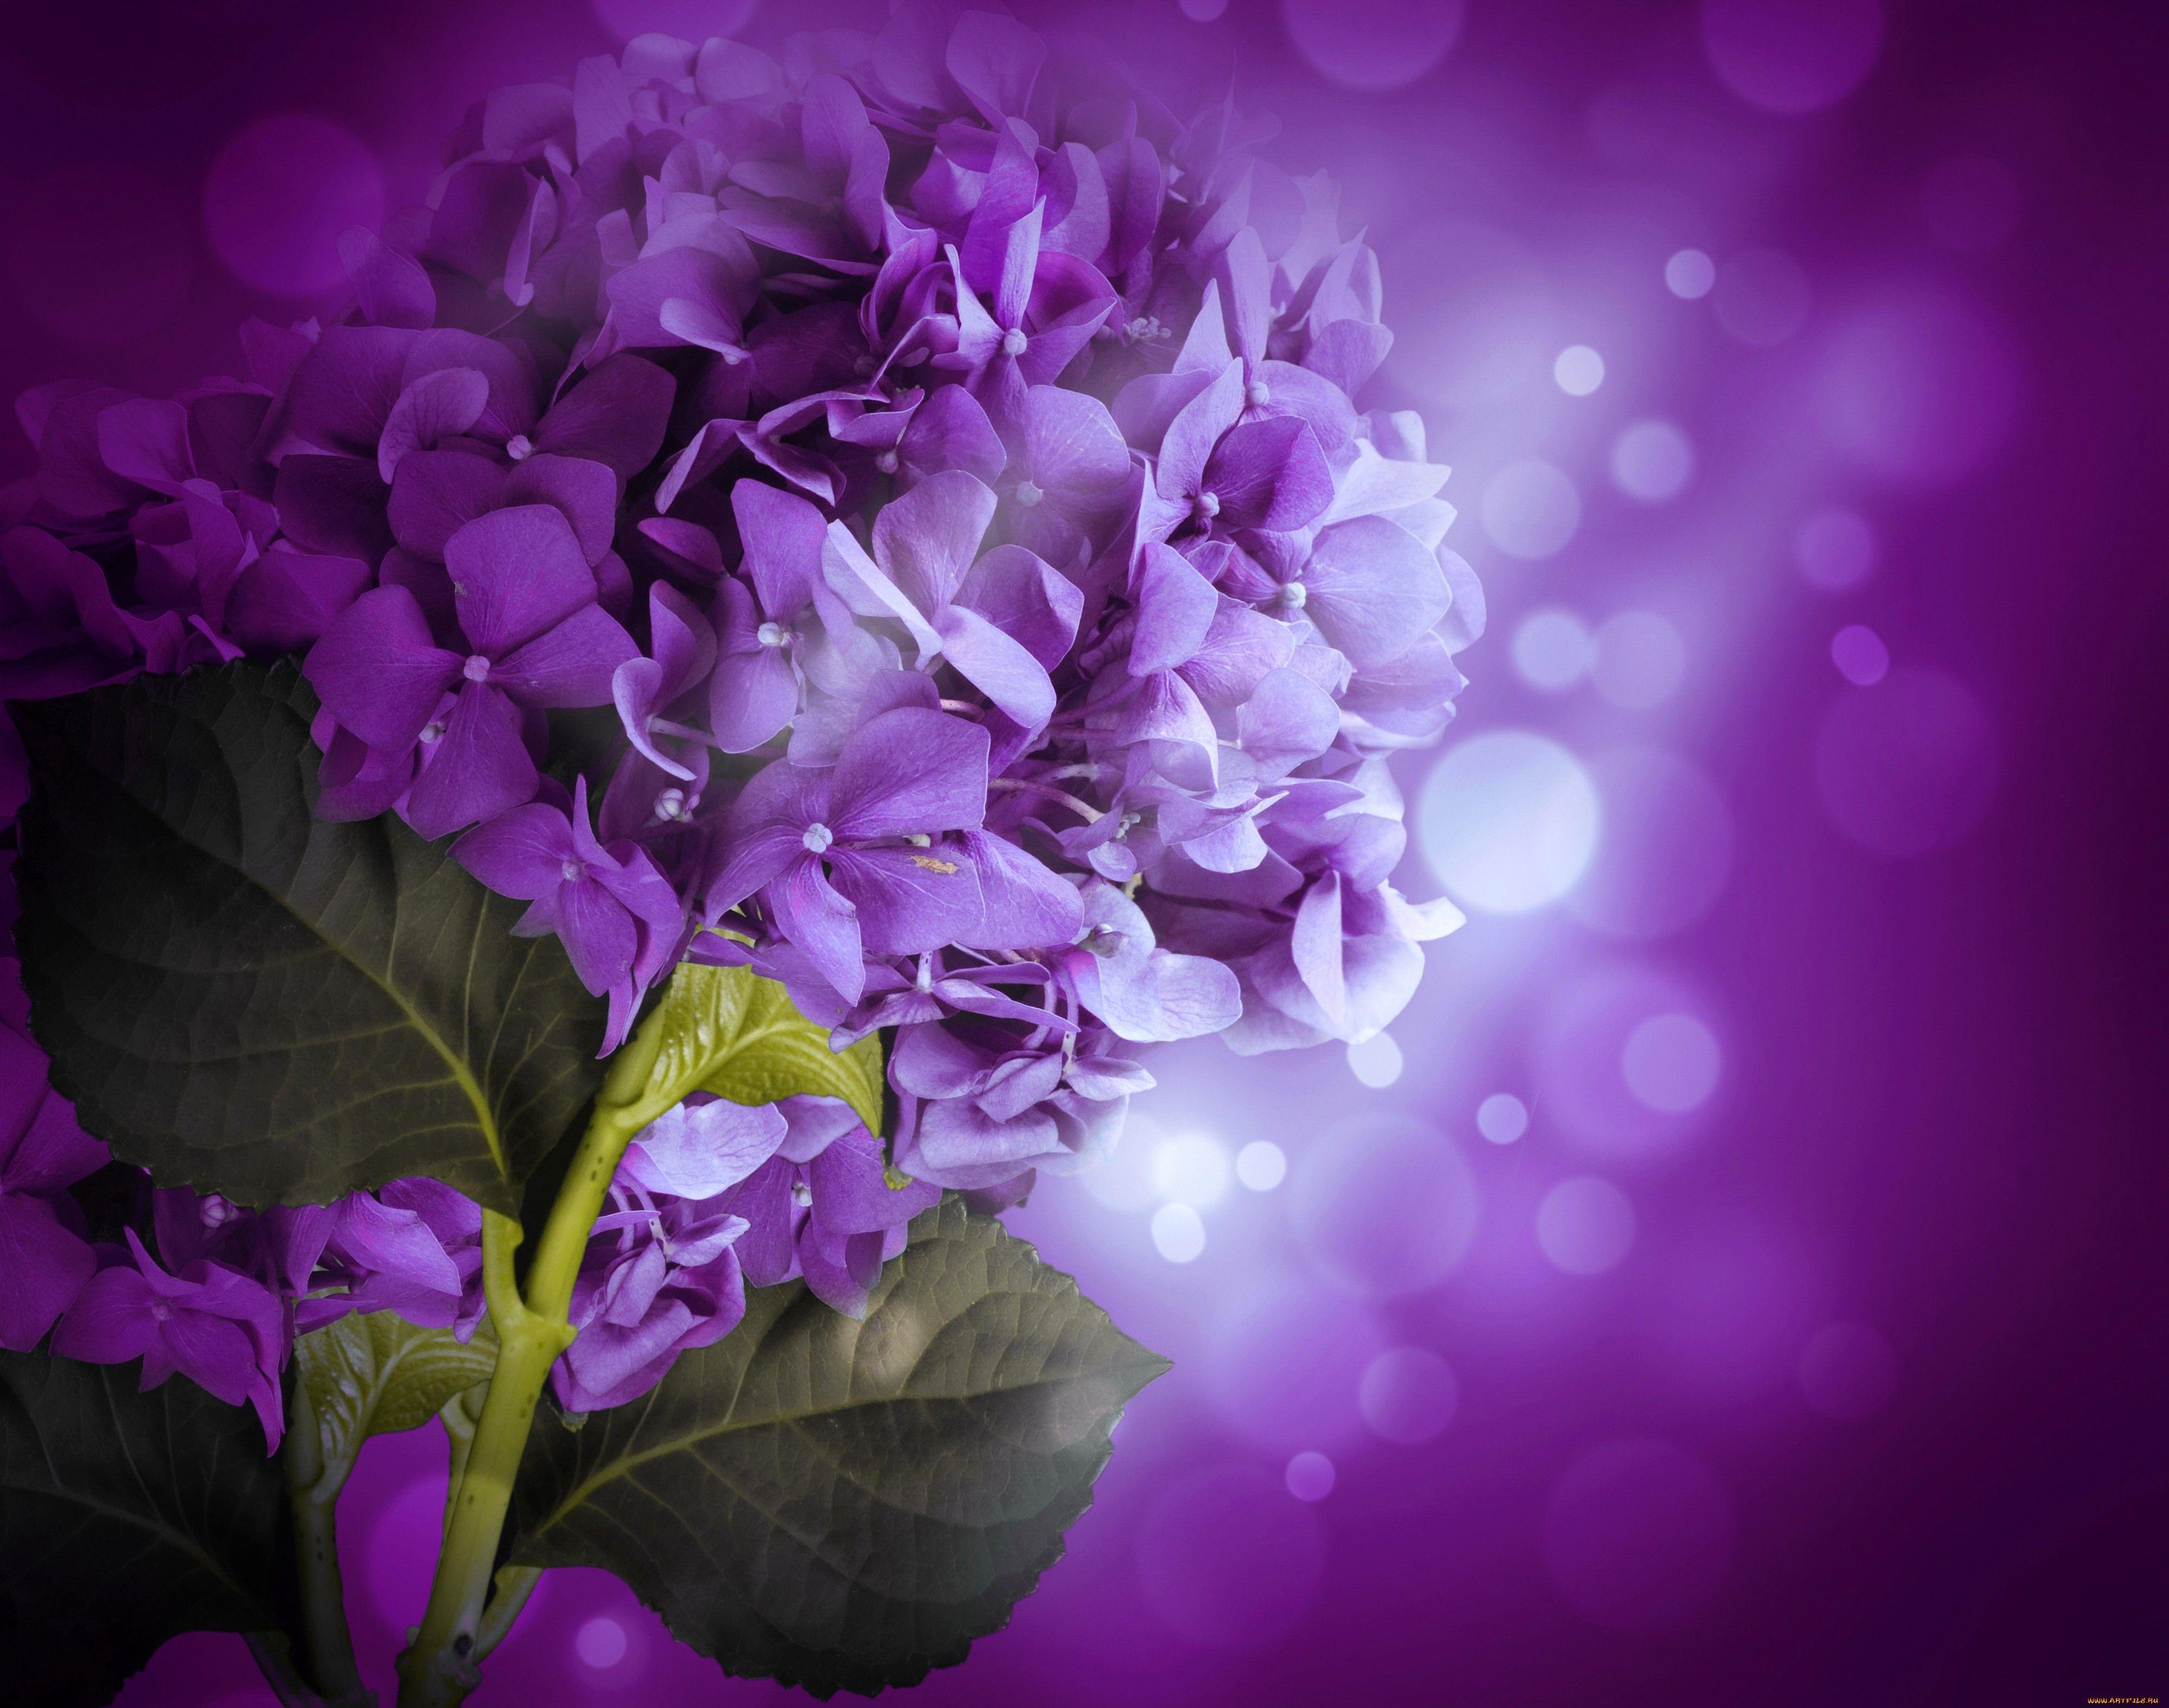 даже фиолетовые сиреневые картинки желании можно